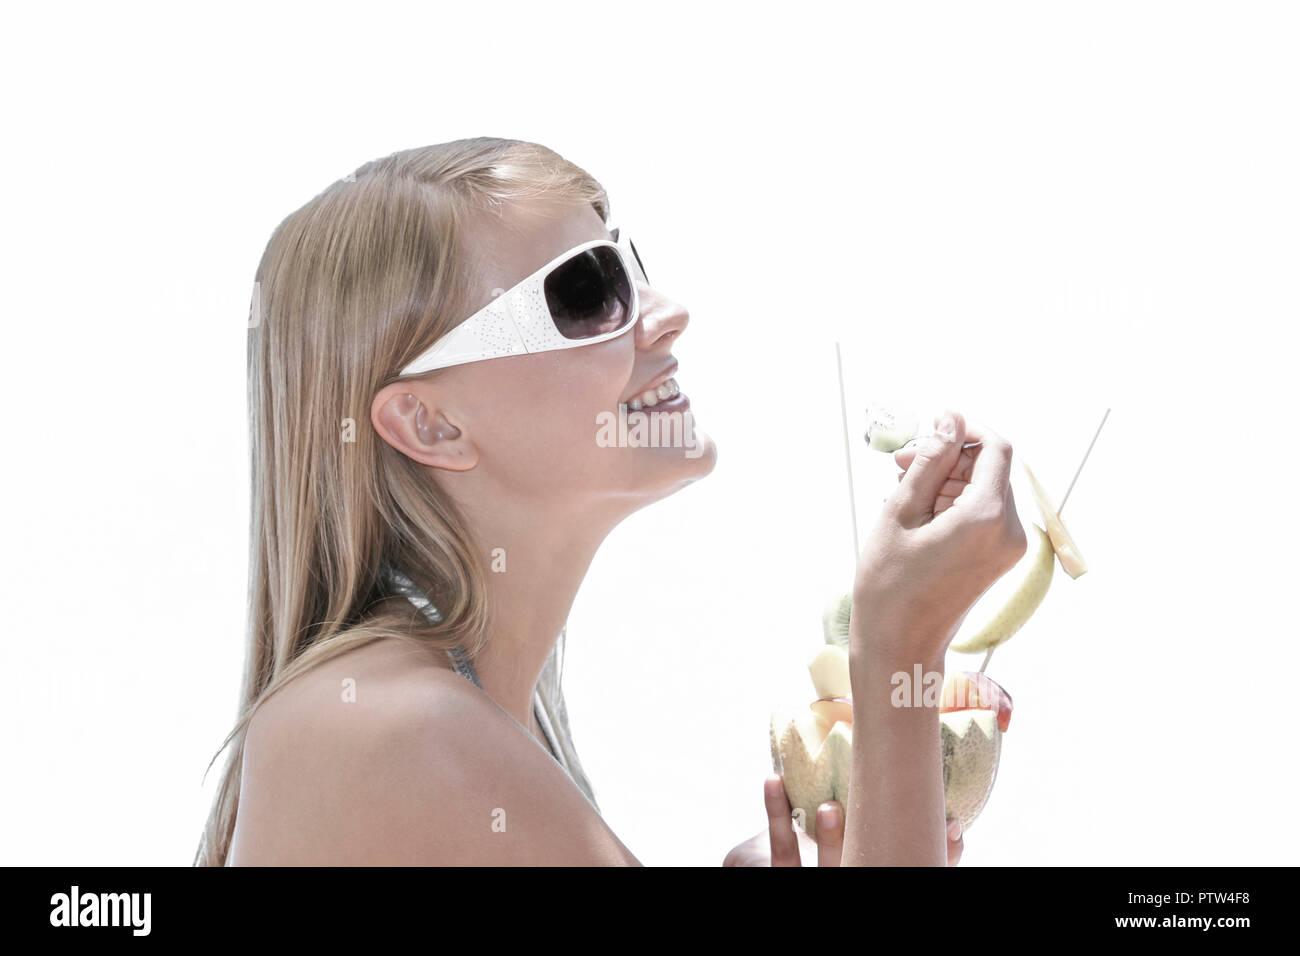 Blonde Frau geniesst einen Fruchtcocktail im Sommerurlaub am Pool, Portrait (Modellfreigabe) - Stock Image